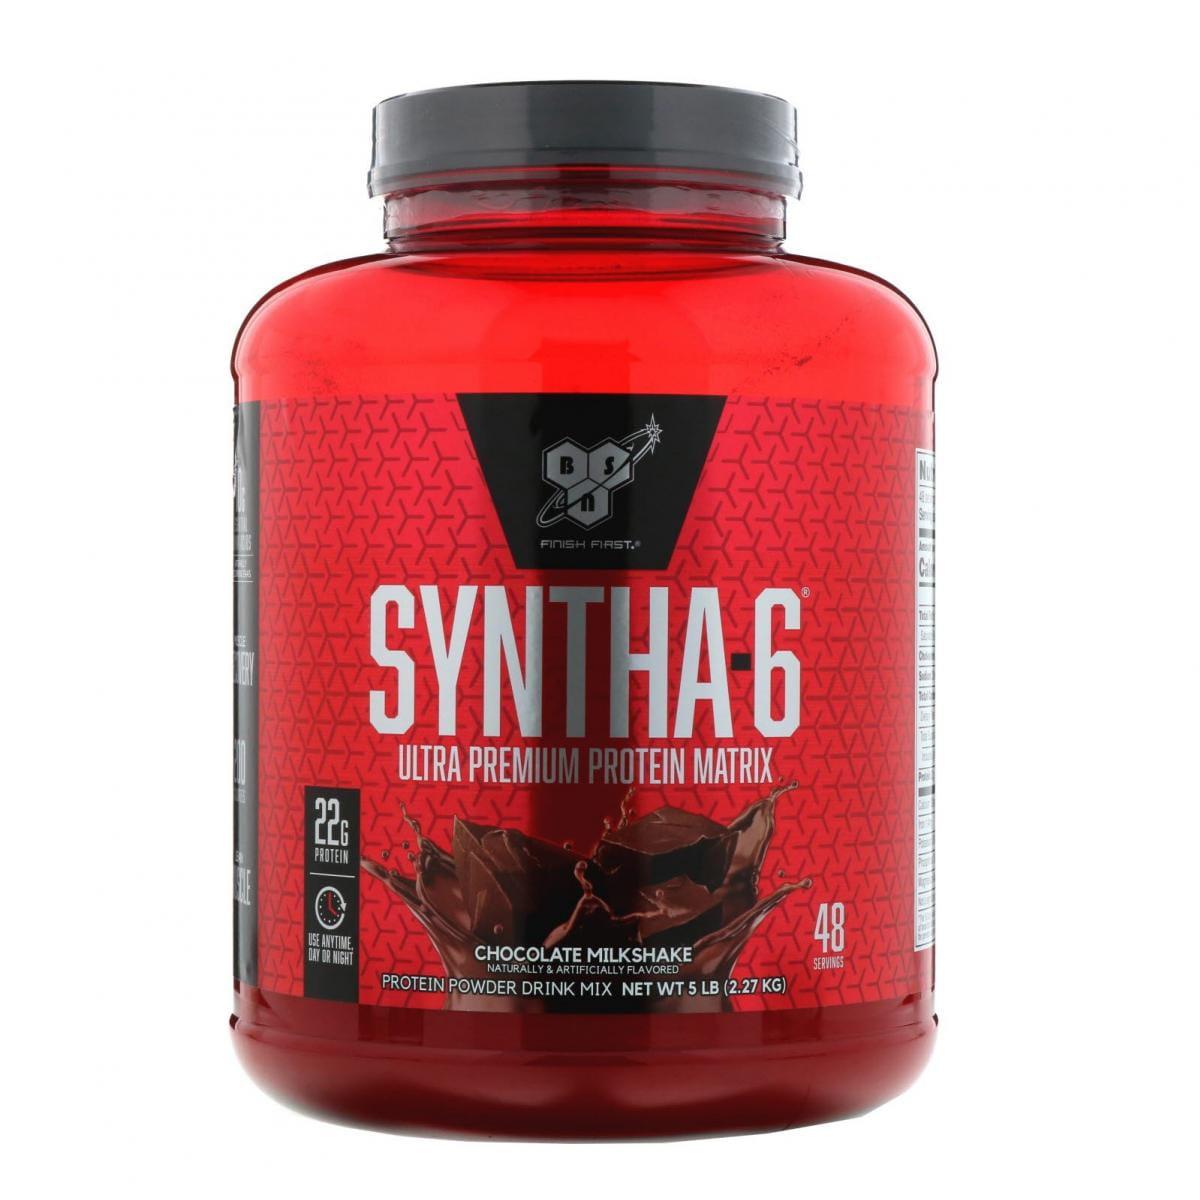 [美國BSN官方授權經銷] Syntha 6 頂級綜合乳清蛋白 5磅 乳清 高蛋白 添加酪蛋白 0